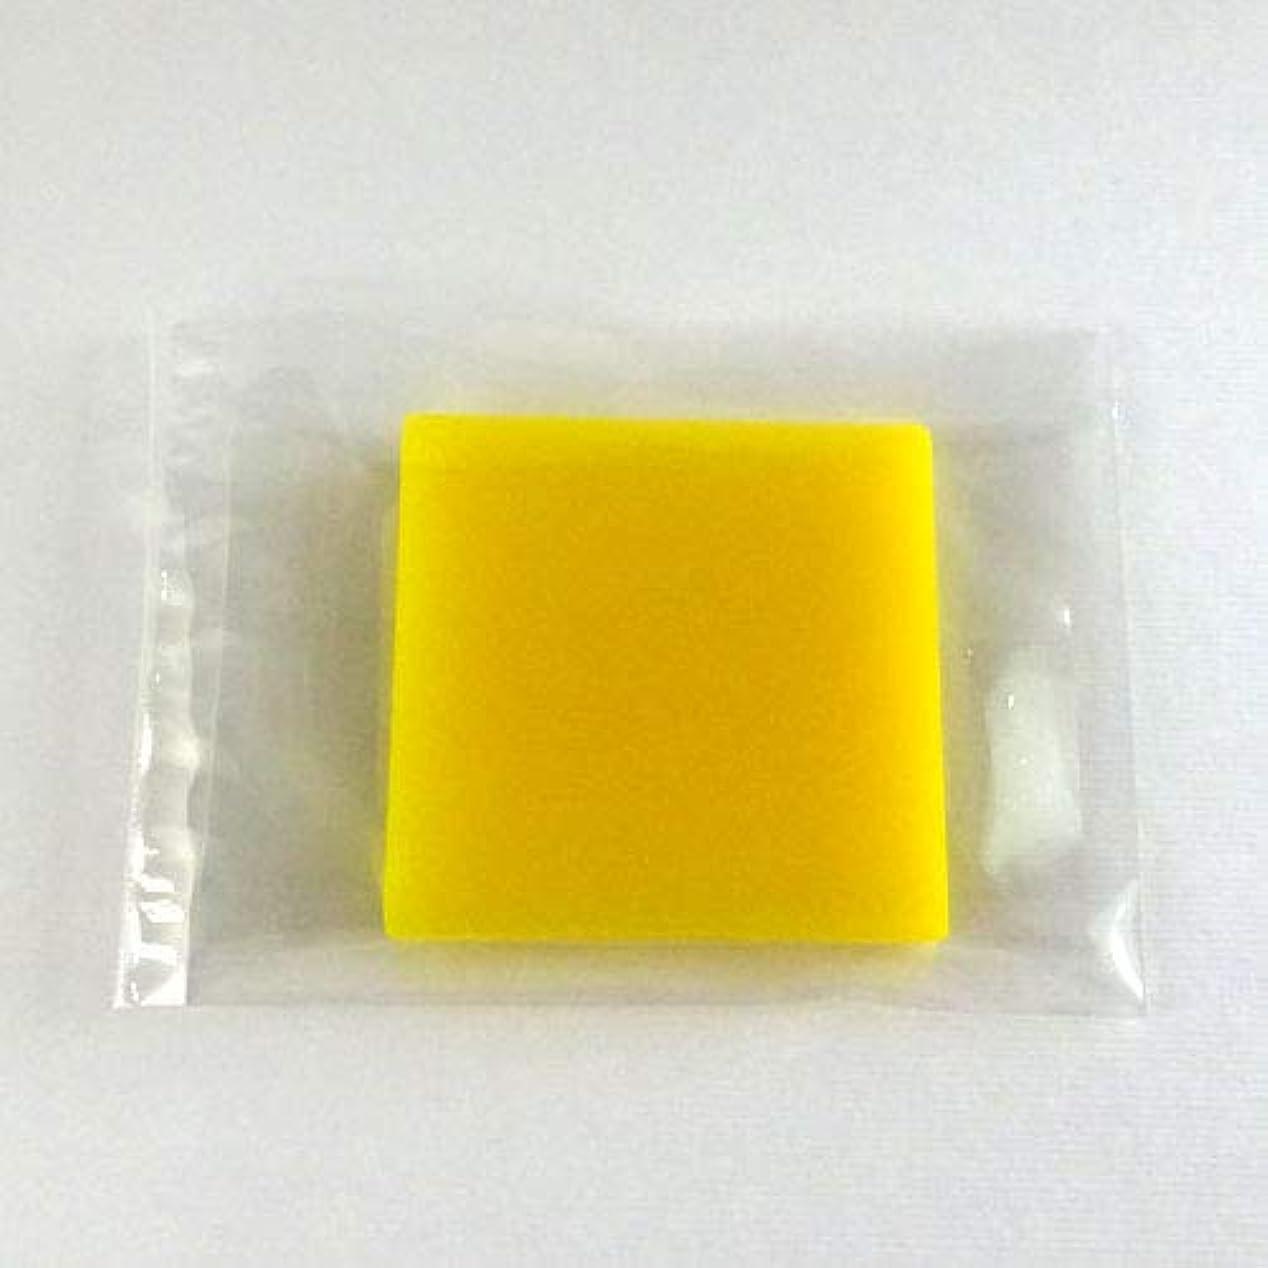 遺伝子少しスキャンダルグリセリンソープ MPソープ 色チップ 黄(イエロー) 30g